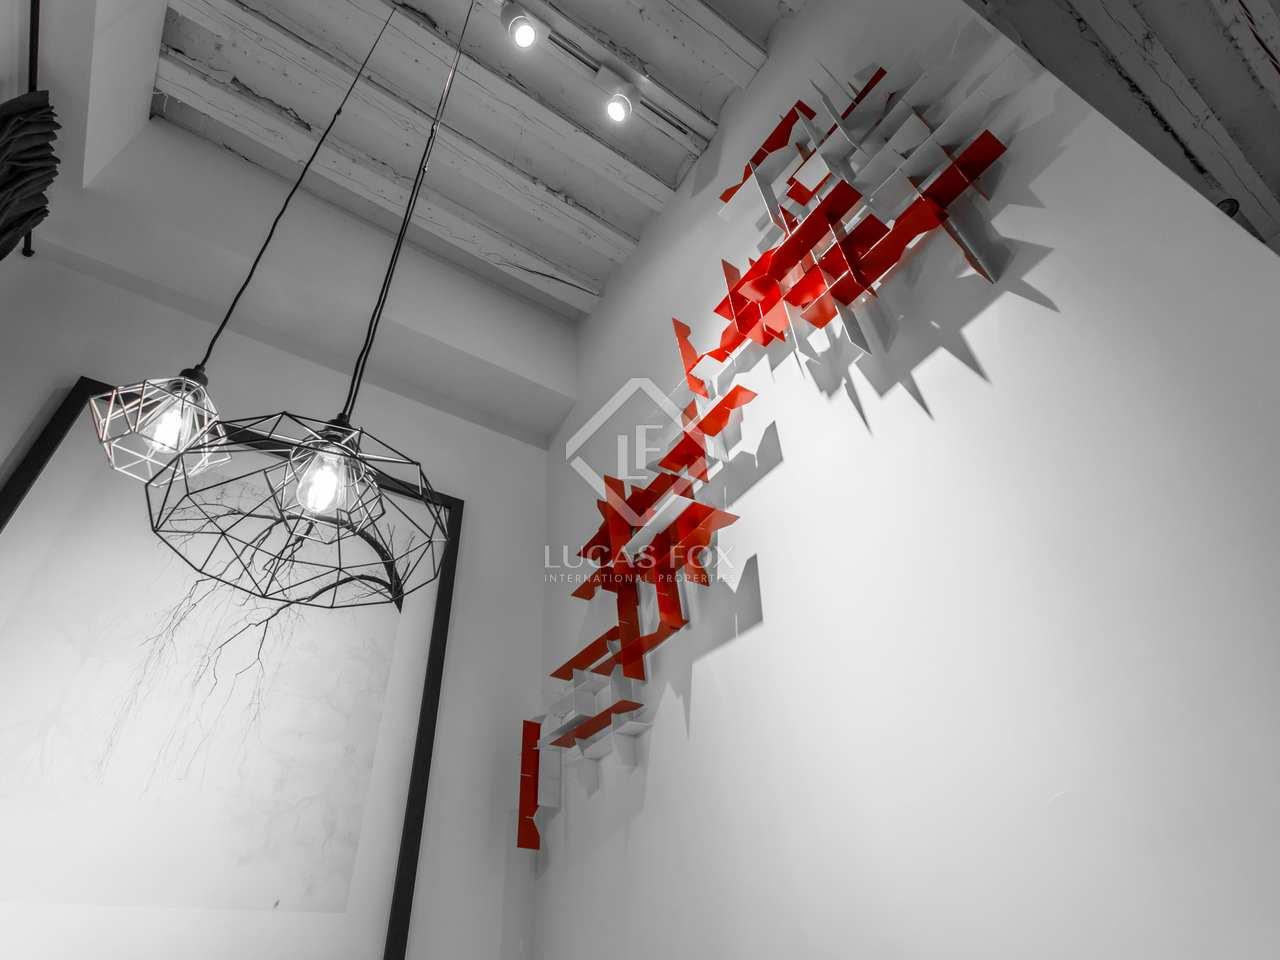 5 pisos de dise o en venta en palacio madrid - Compro piso en madrid zona centro ...